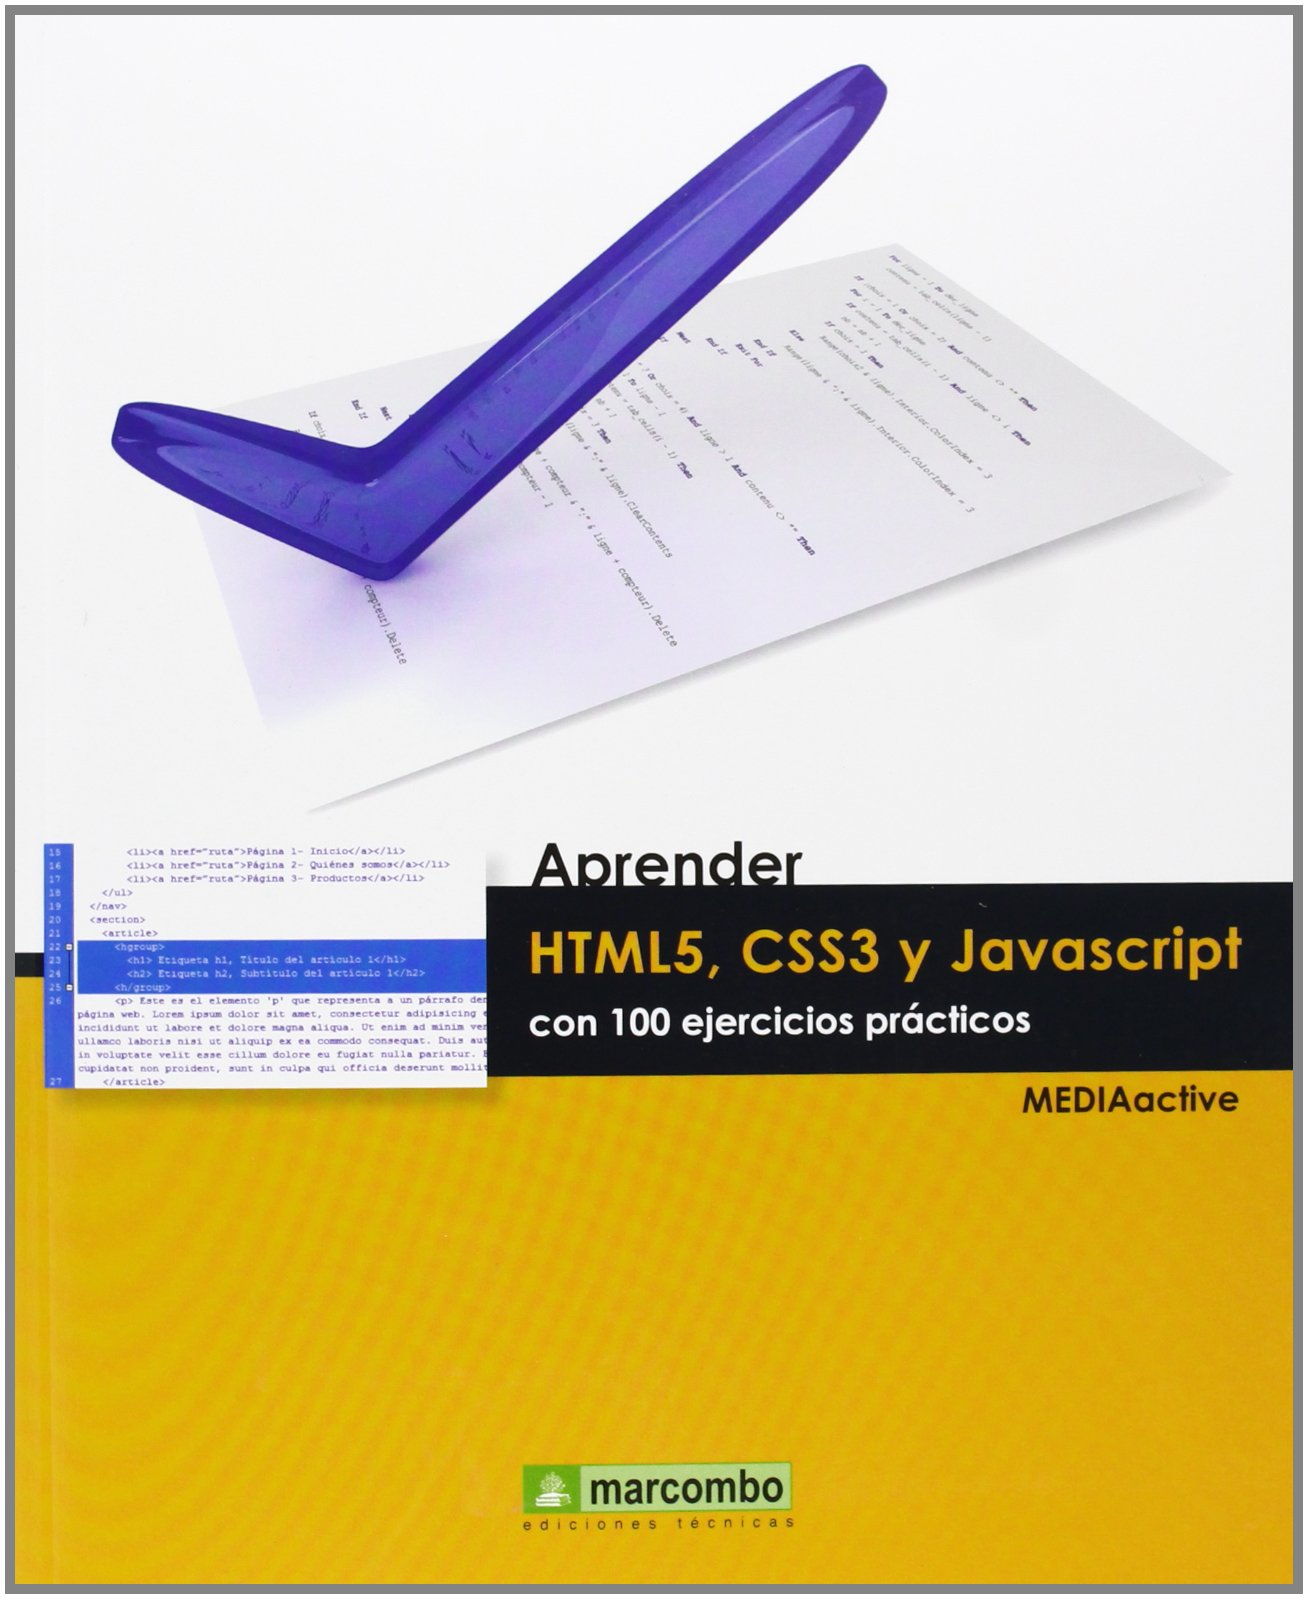 Aprender HTML5, CSS3 y JAVASCRIPTcon 100 ejercicios (APRENDER...CON 100 EJERCICIOS PRÁCTICOS) Tapa blanda – 21 nov 2013 MEDIAactive Marcombo 8426720862 Gráficos y diseño web